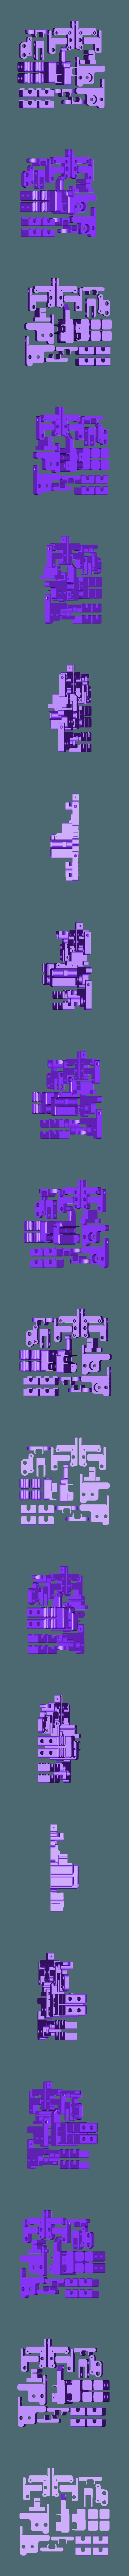 200X200_i3_Tray_repaired.stl Télécharger fichier STL gratuit Prusa i3 200x200 Construire Plateau • Objet pour imprimante 3D, Nessun_Dorma